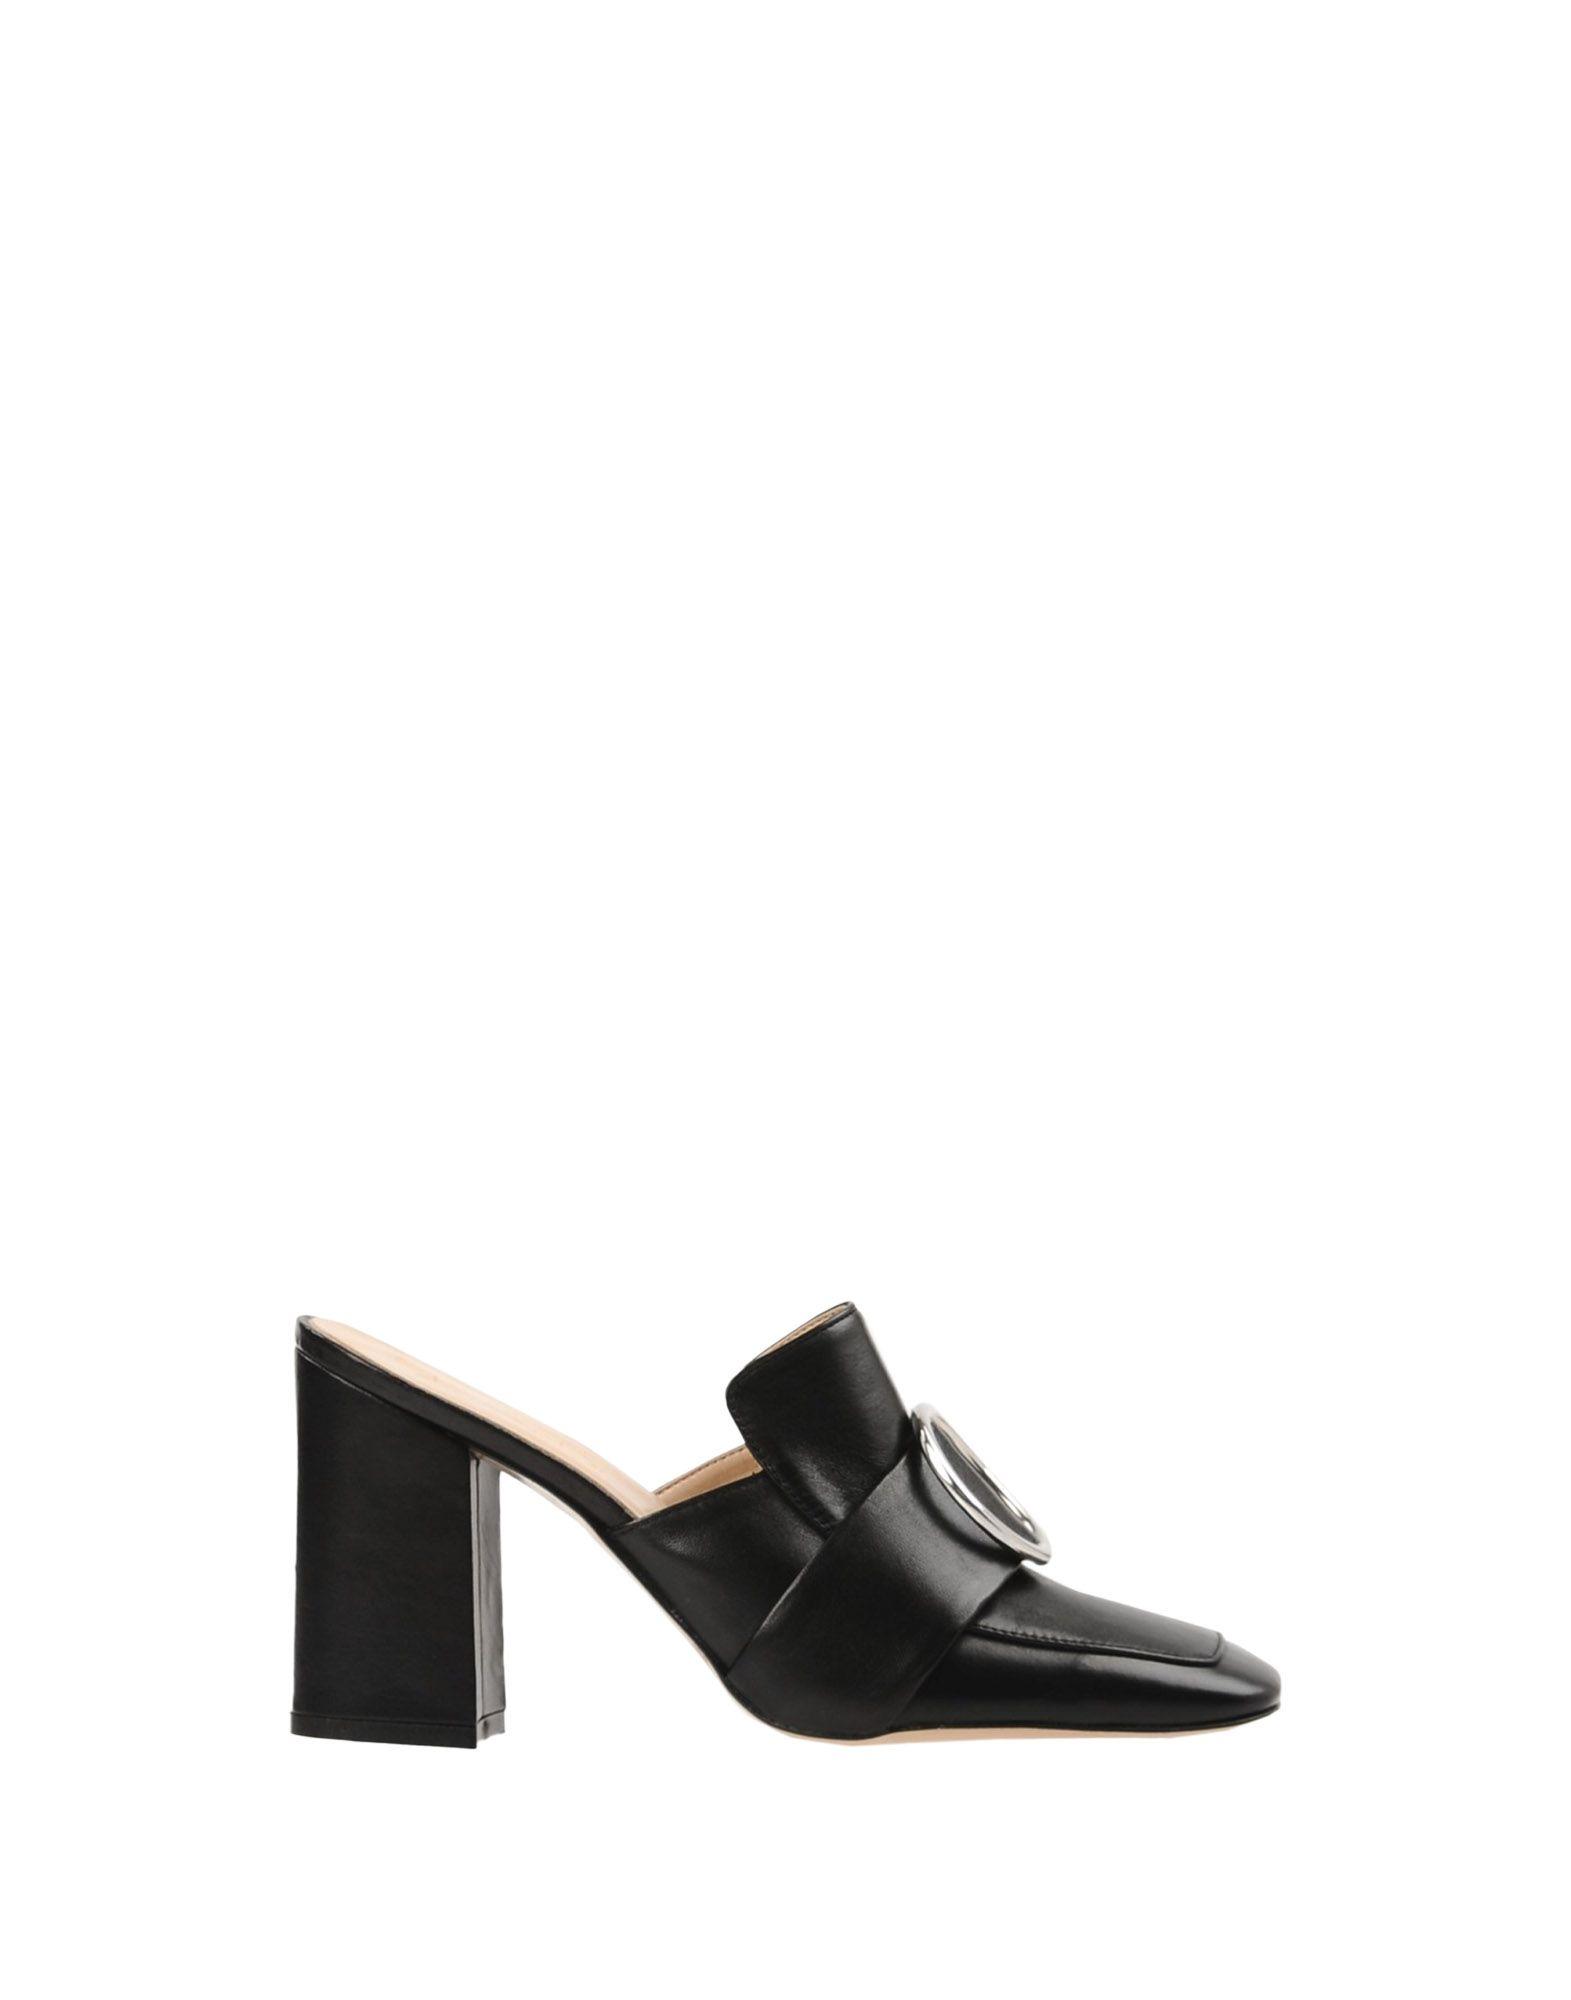 Bianca Di Pantoletten Qualität Damen  11440853BH Gute Qualität Pantoletten beliebte Schuhe c1d87d